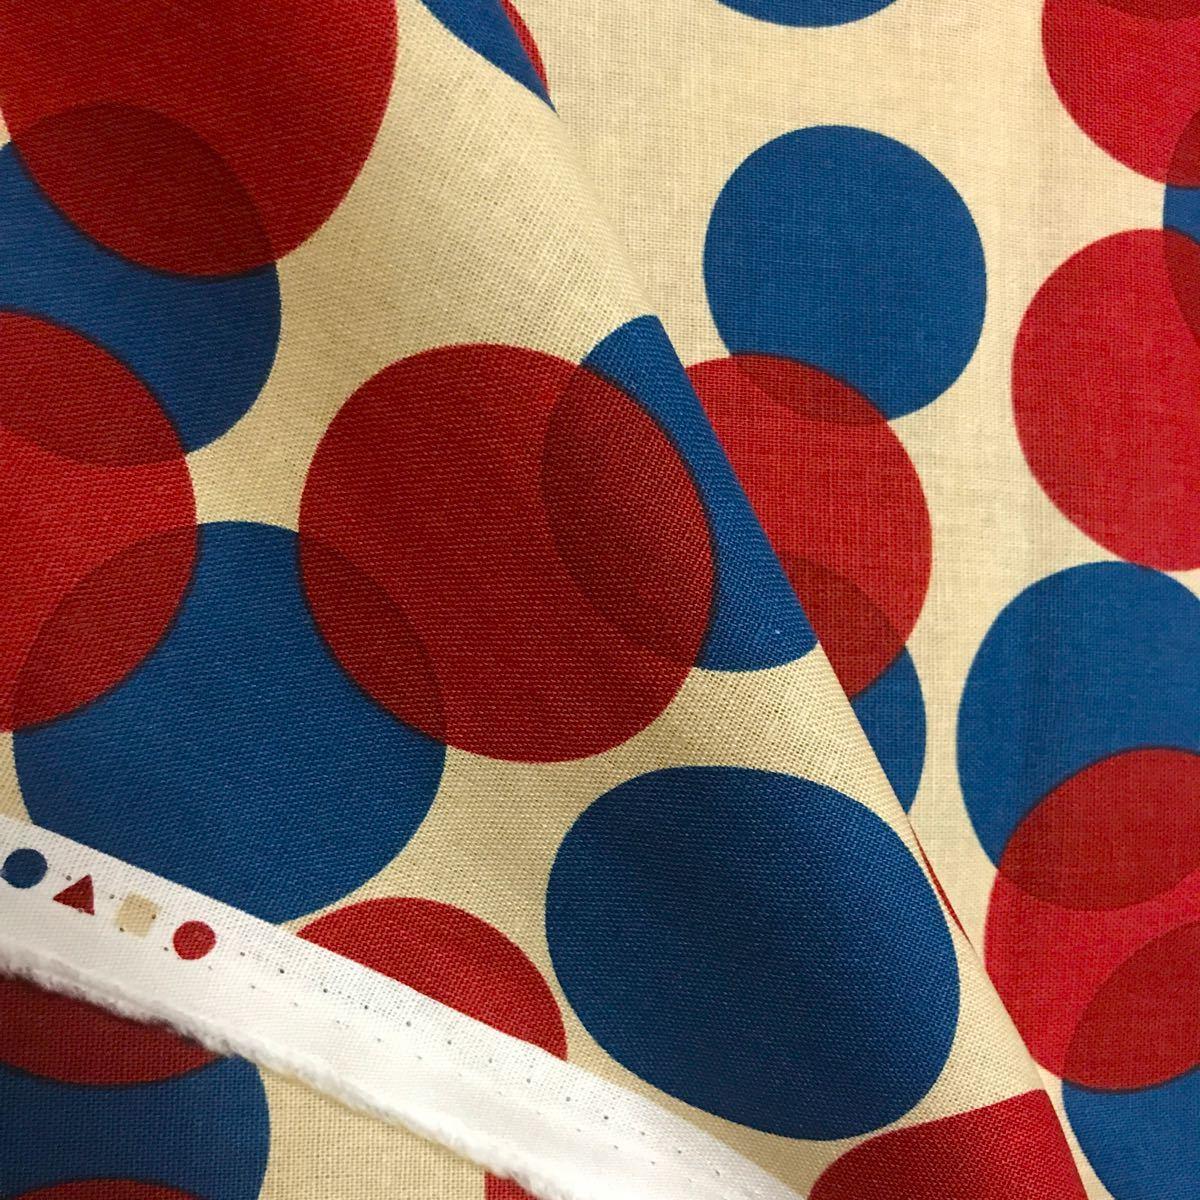 〈760円!最終価格〉北欧調 LECIEN ルシアン 大きな水玉ドット 赤とネイビー 綿麻キャンバス ※長さ 50cm